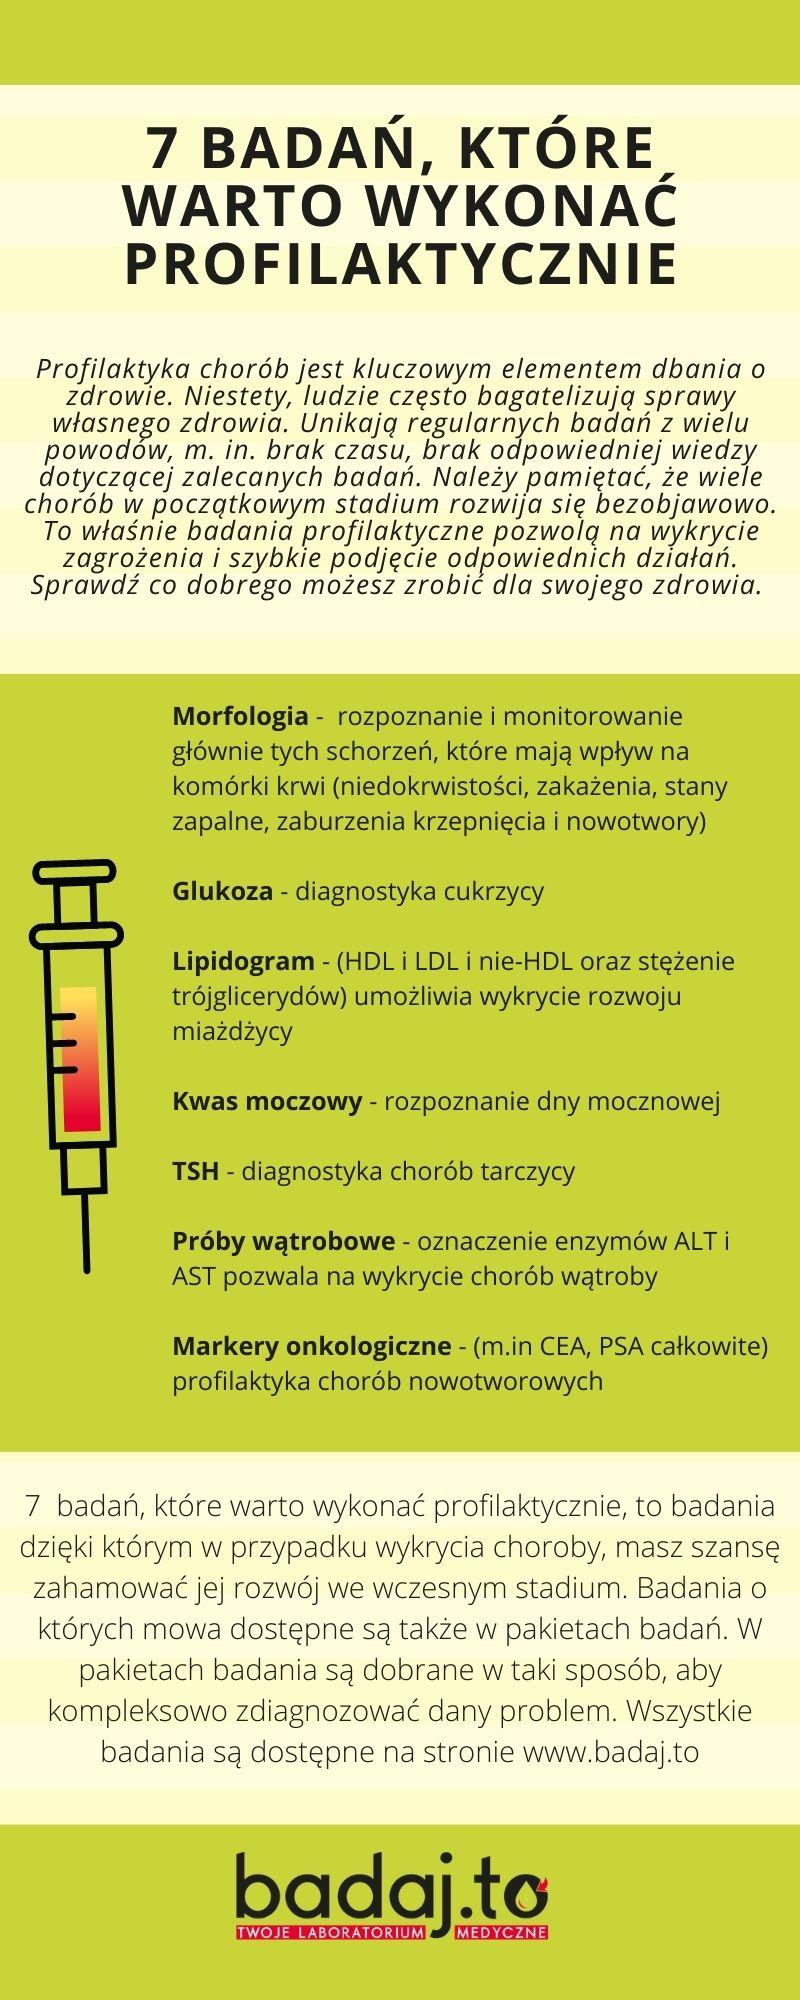 7 badań, które warto wykonać profilaktycznie